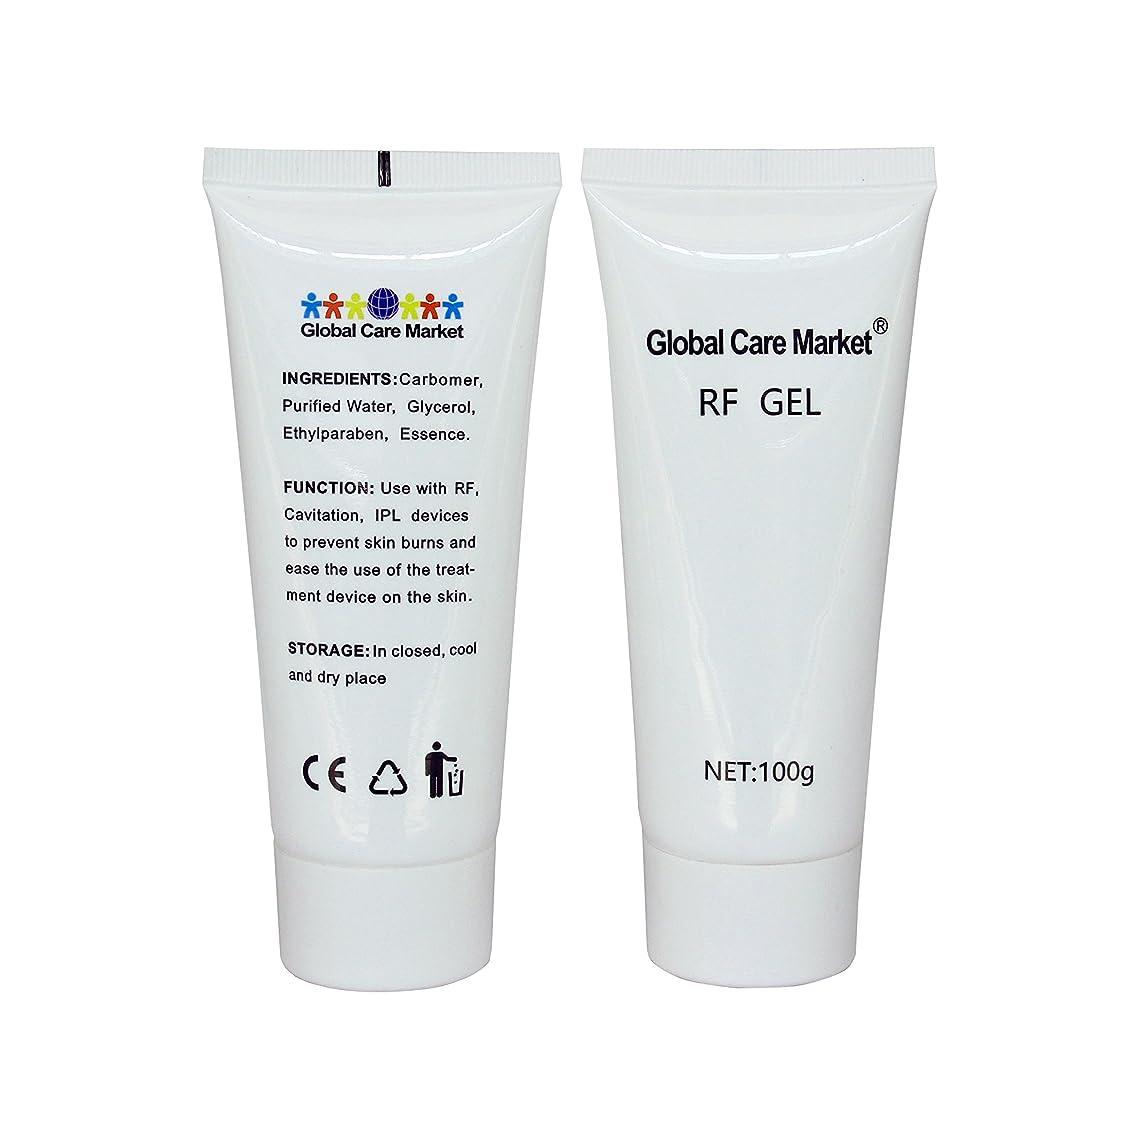 セクタ専制伝えるRF GEL(2 Pack) - 高周波治療装置に使用する皮膚冷却および潤滑です